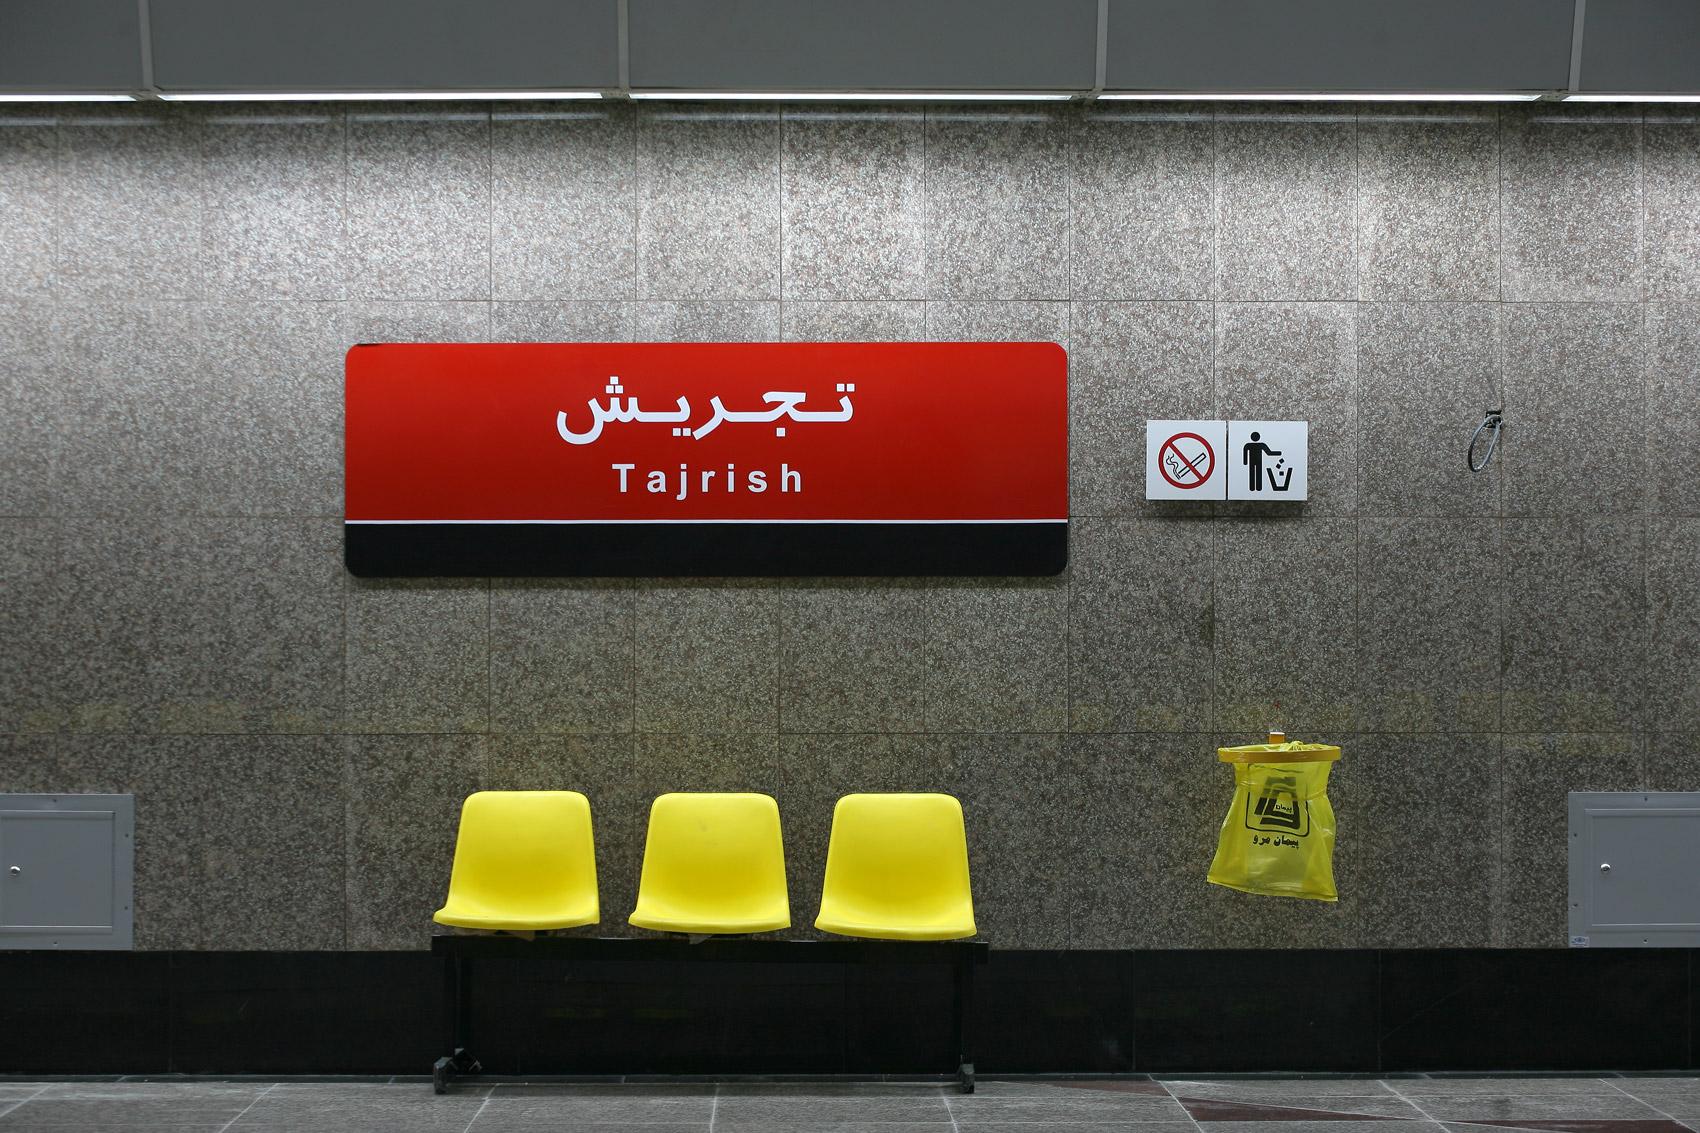 صحنه ای عجیب و باورنکردنی از ساندویچی داخل مترو تجریش! + فیلم